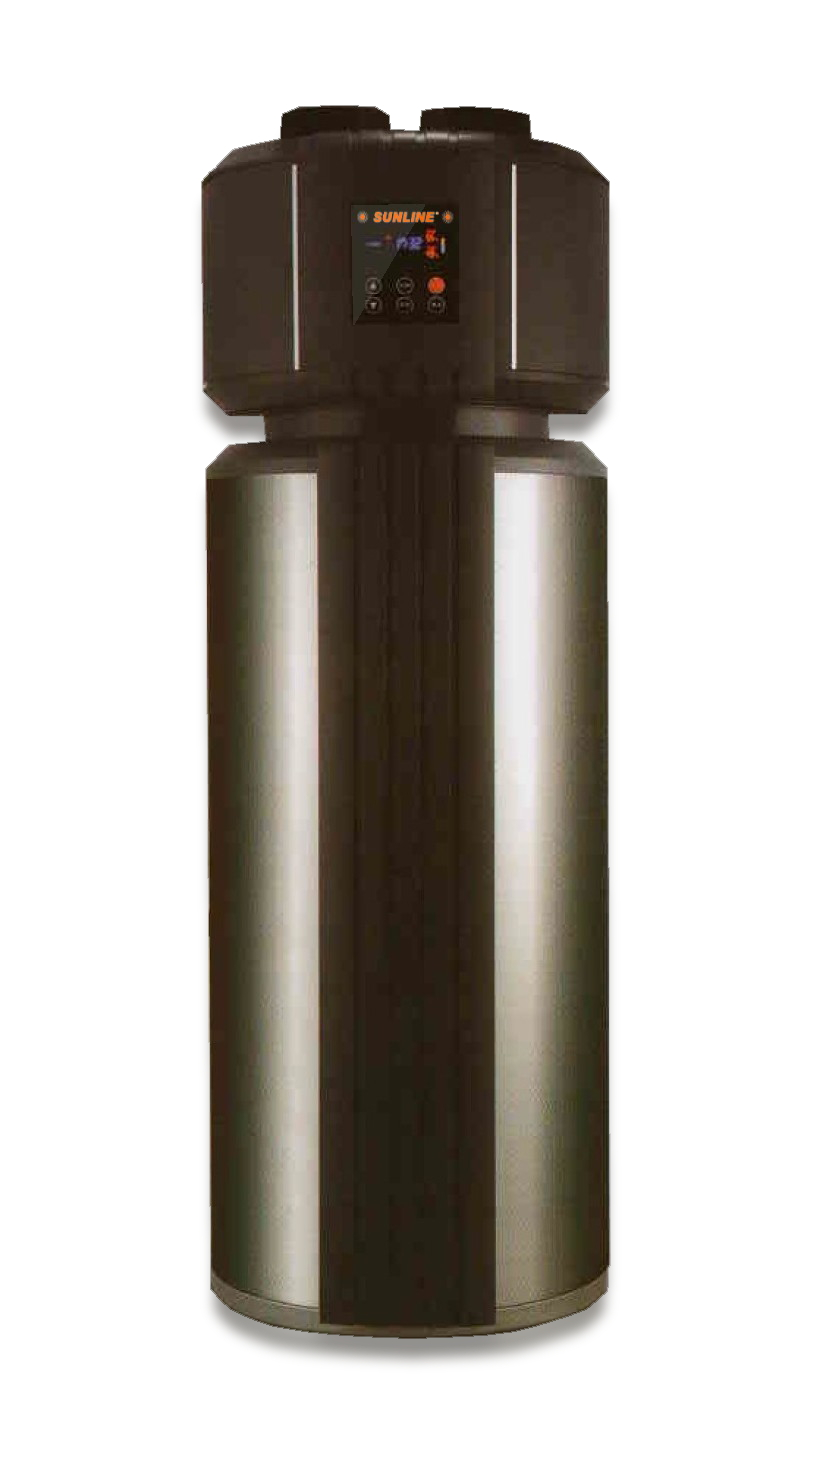 Jak ušetřit za ohřev vody? Pořiďte si bojler s tepelným čerpadlem!